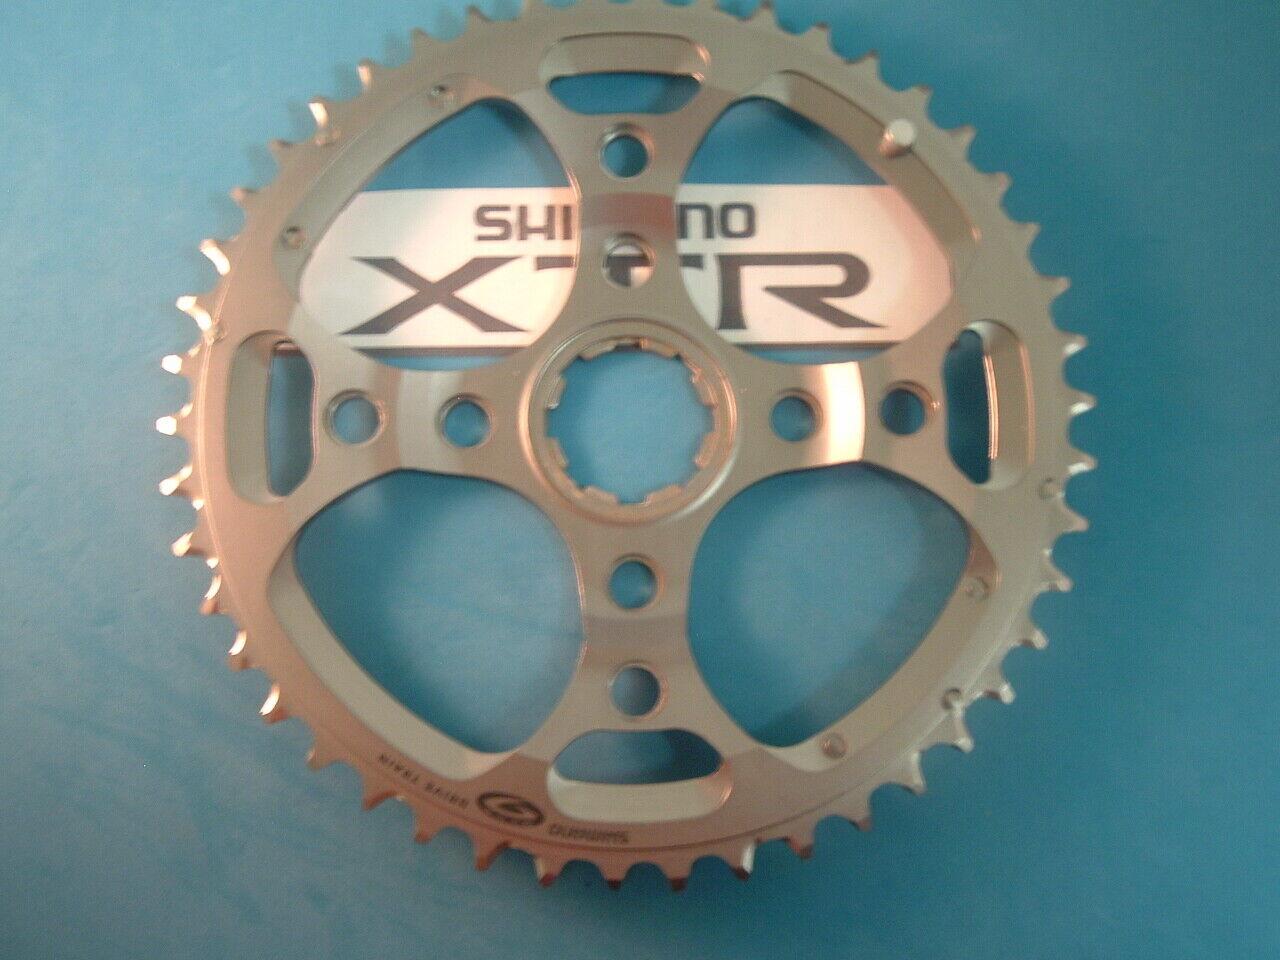 Shiuomoo XTR FCM9524 46T Mountain Bike Bike Bike ParacatenaNuovonuovo Old Stock 112BCD  89  SpeedNuovo in Scatola c52